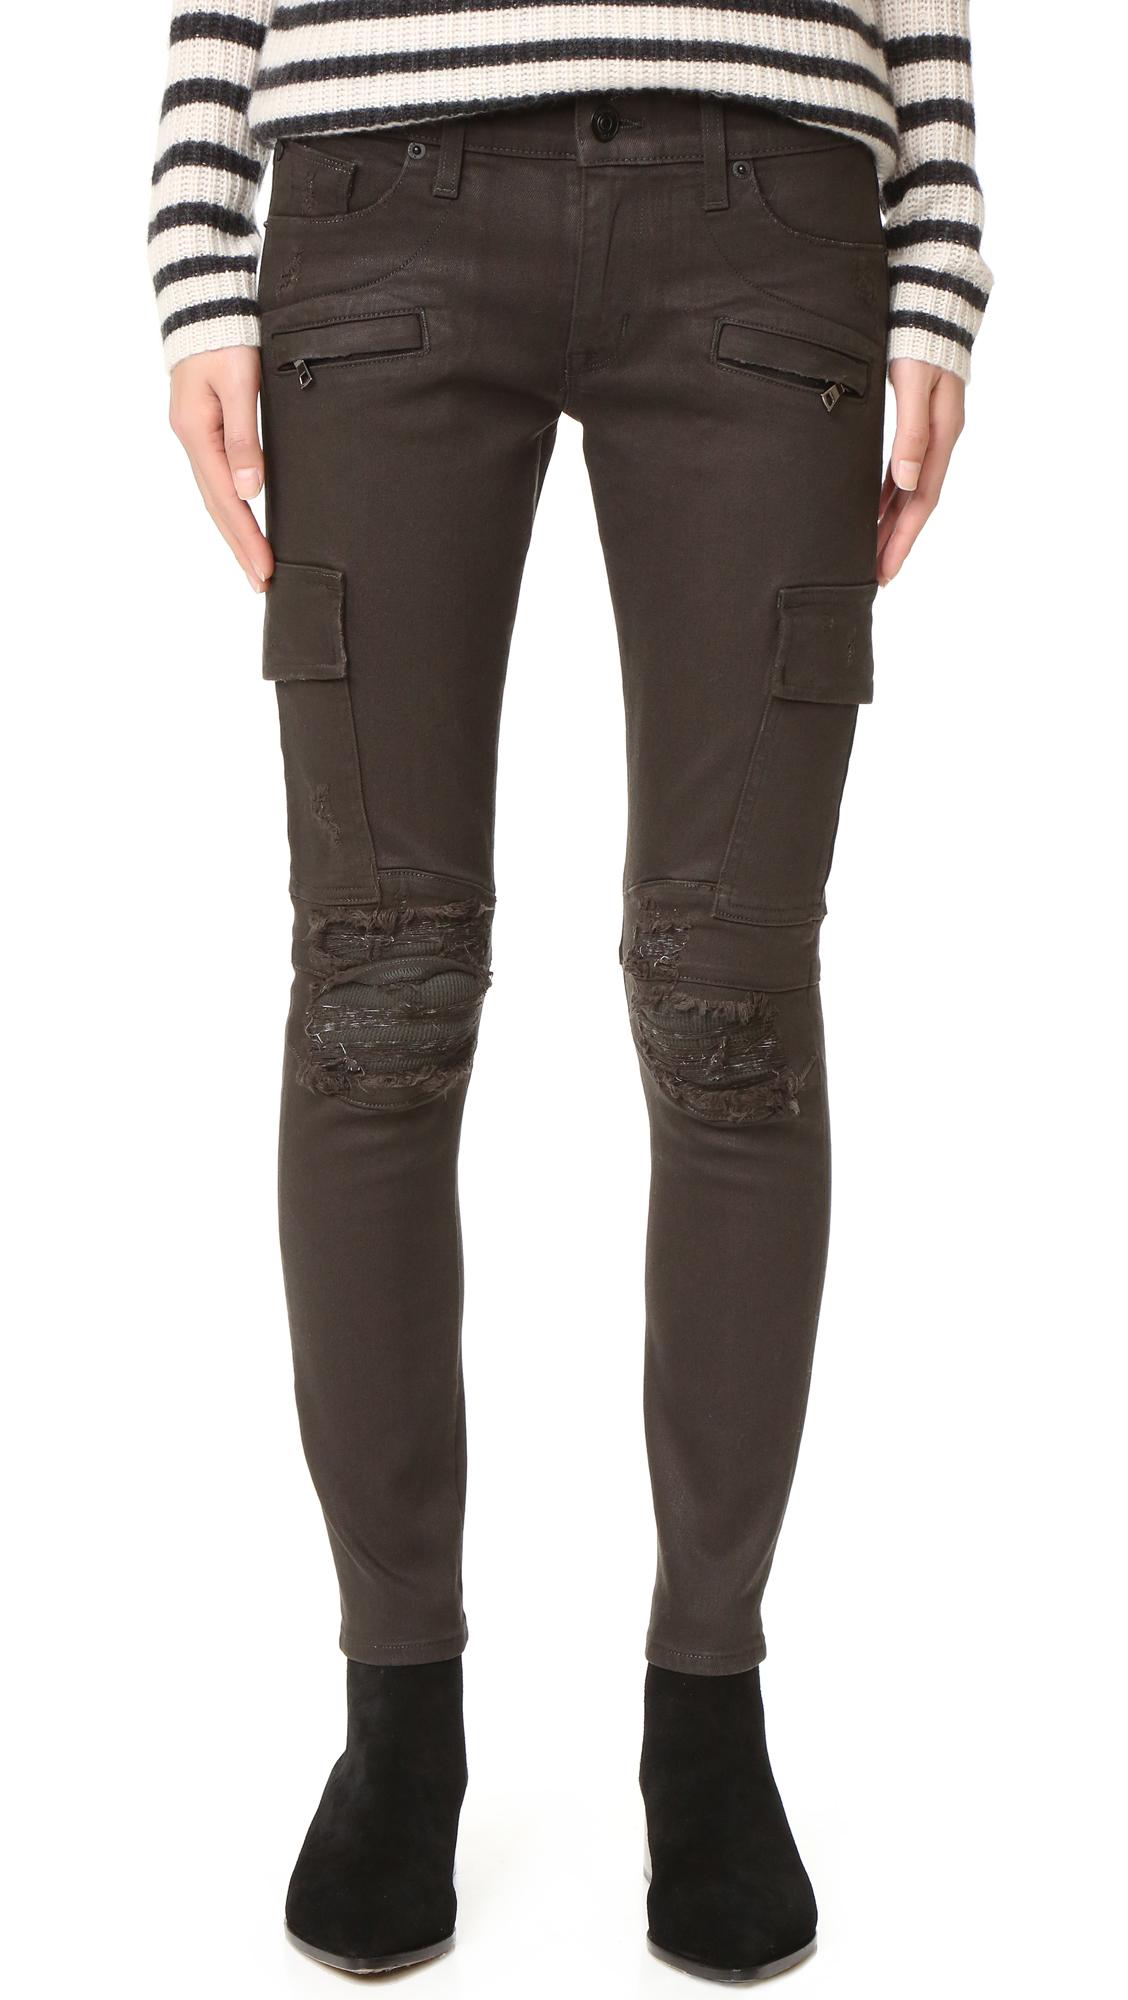 Hudson Colby Moto Skinny Jeans - Militant Green Destructed at Shopbop